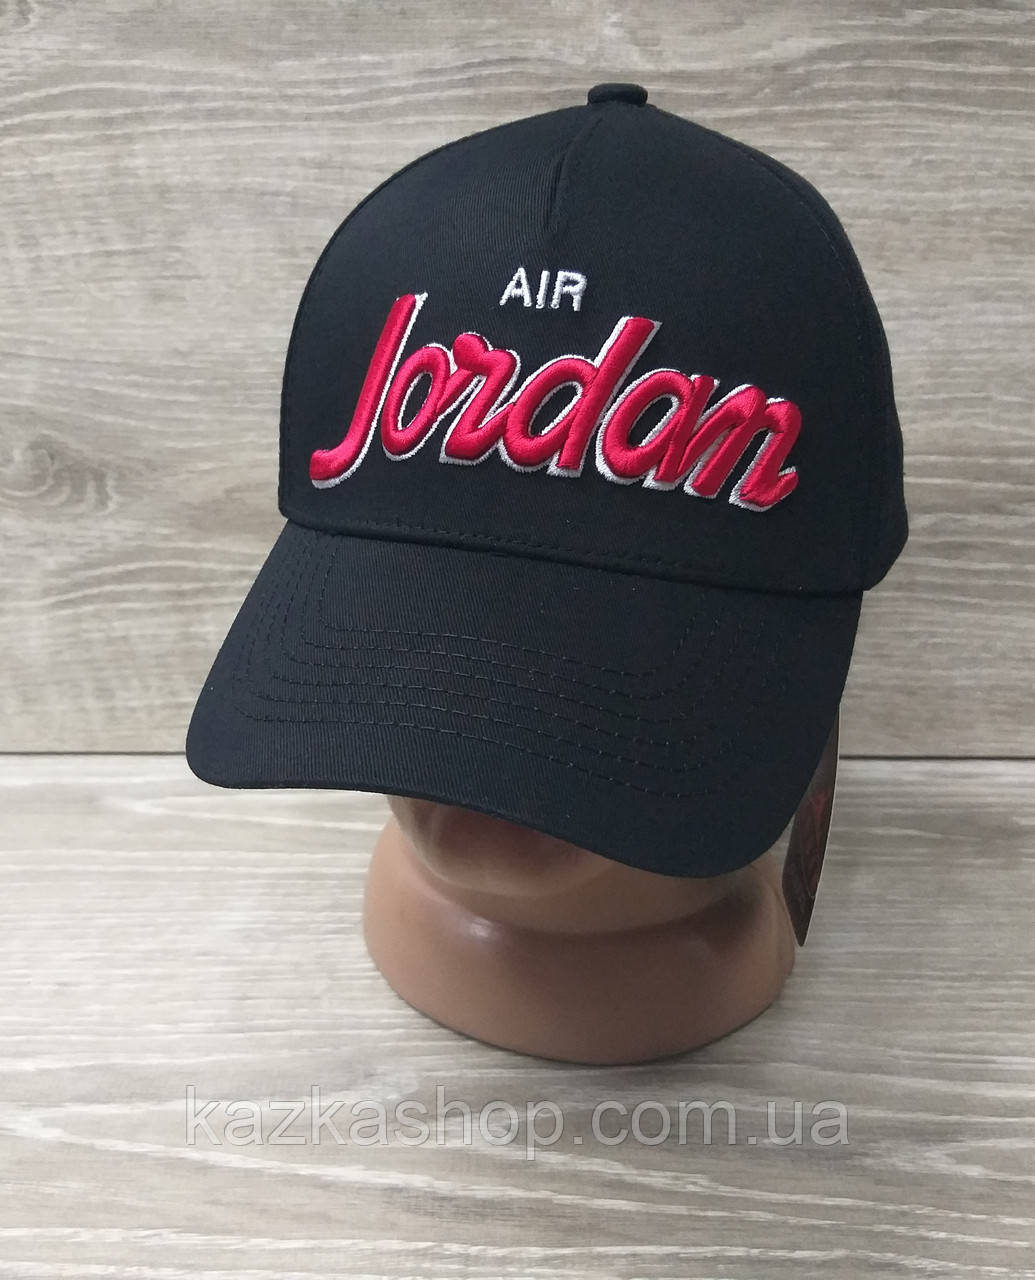 Мужская котоновая кепка в стиле Jordan (реплика), сезон весна-лето, большая вышивка, резинка,  размер 57-58.